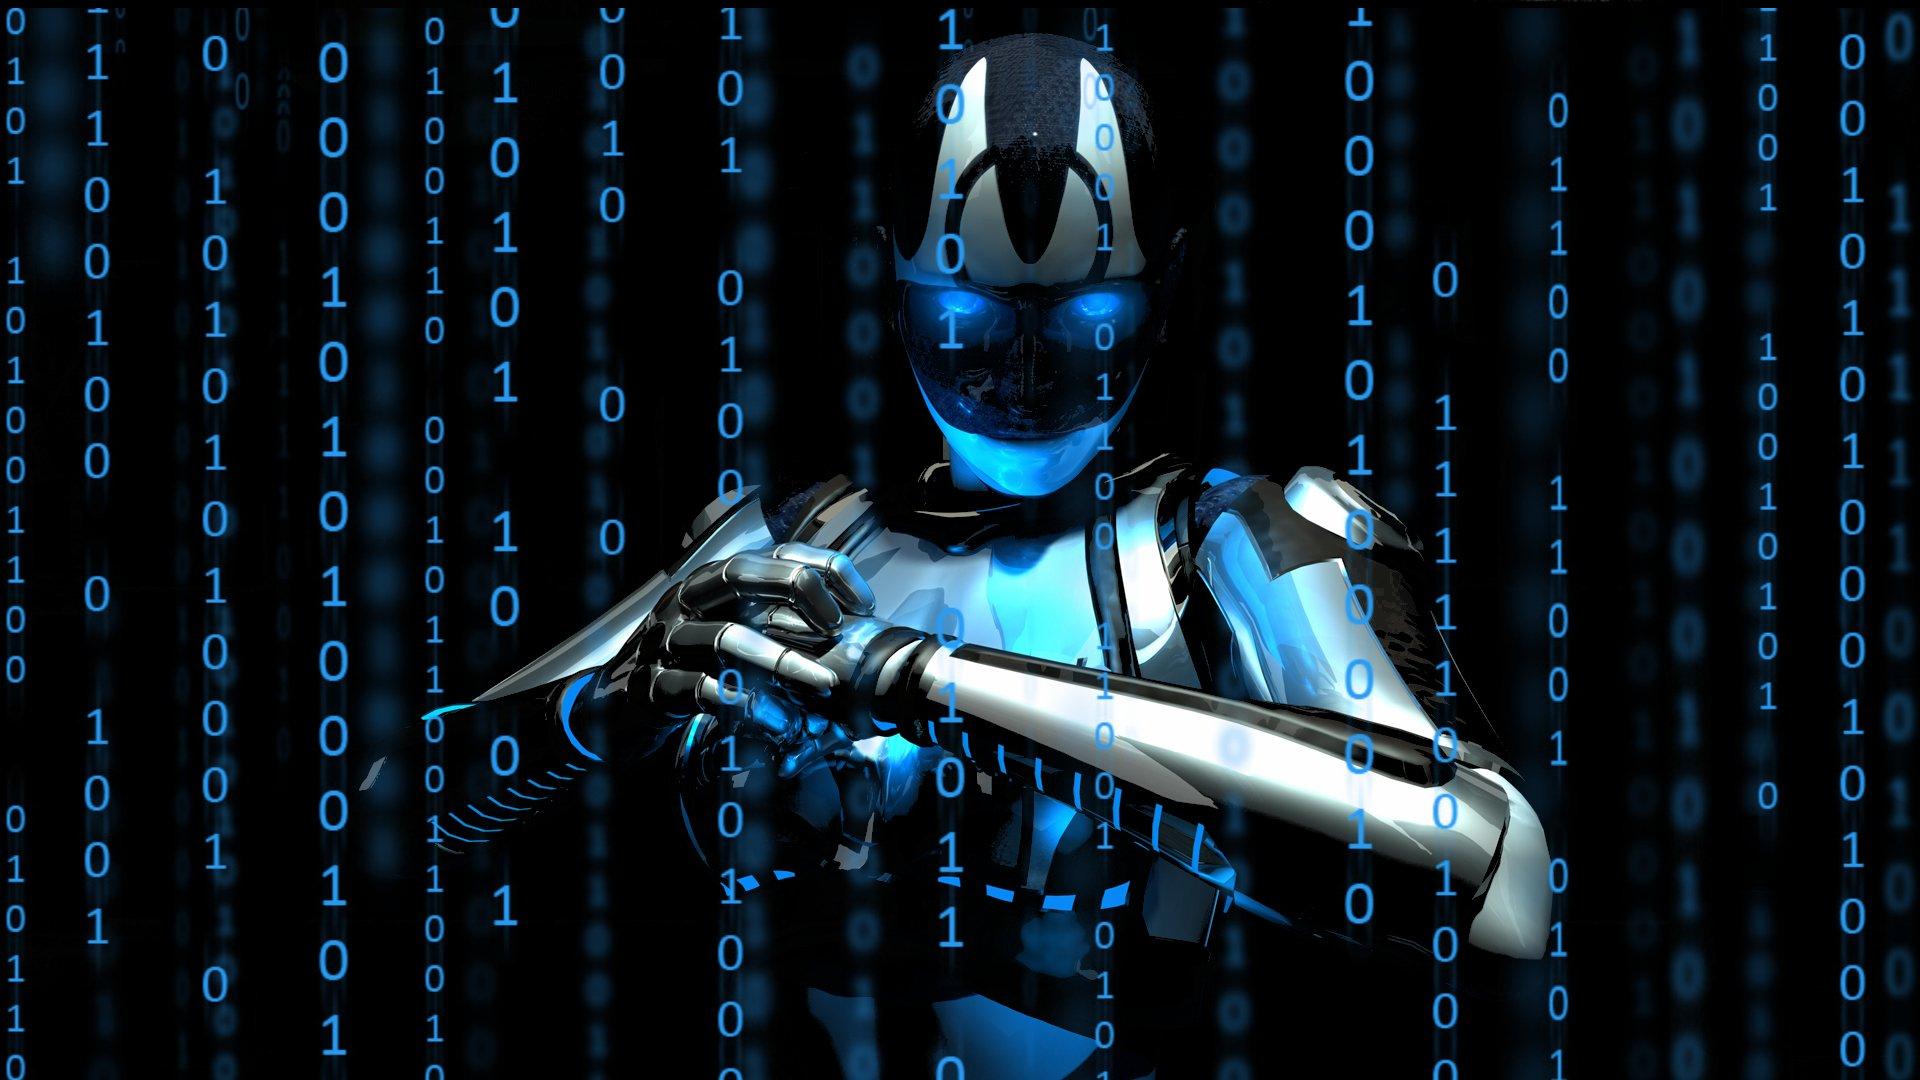 Cool Robot Wallpaper 2040 1920x1080 px High Resolution Wallpaper 1920x1080